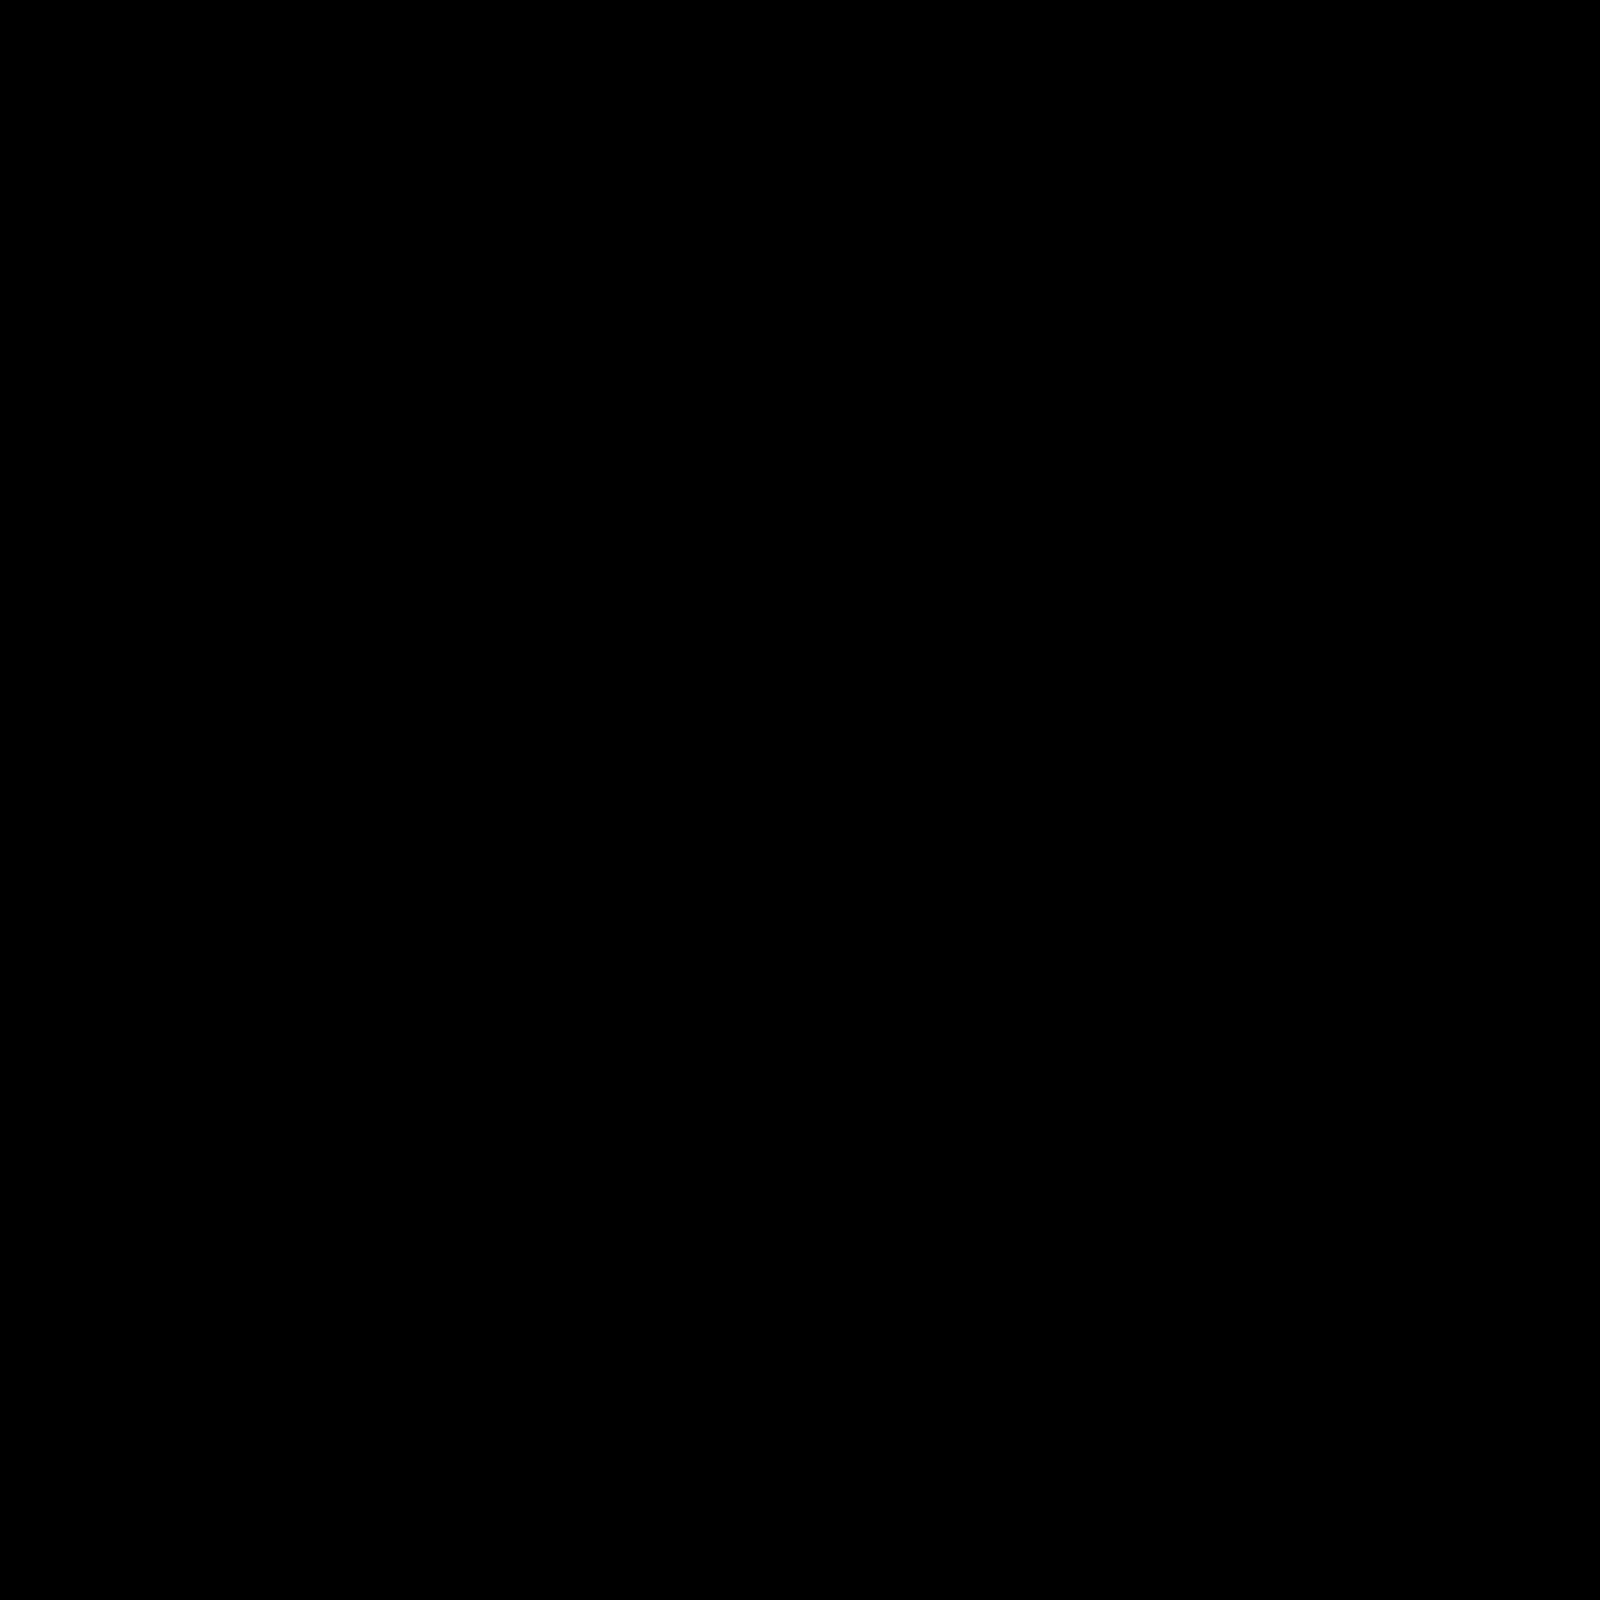 Wypełniony okrąg icon